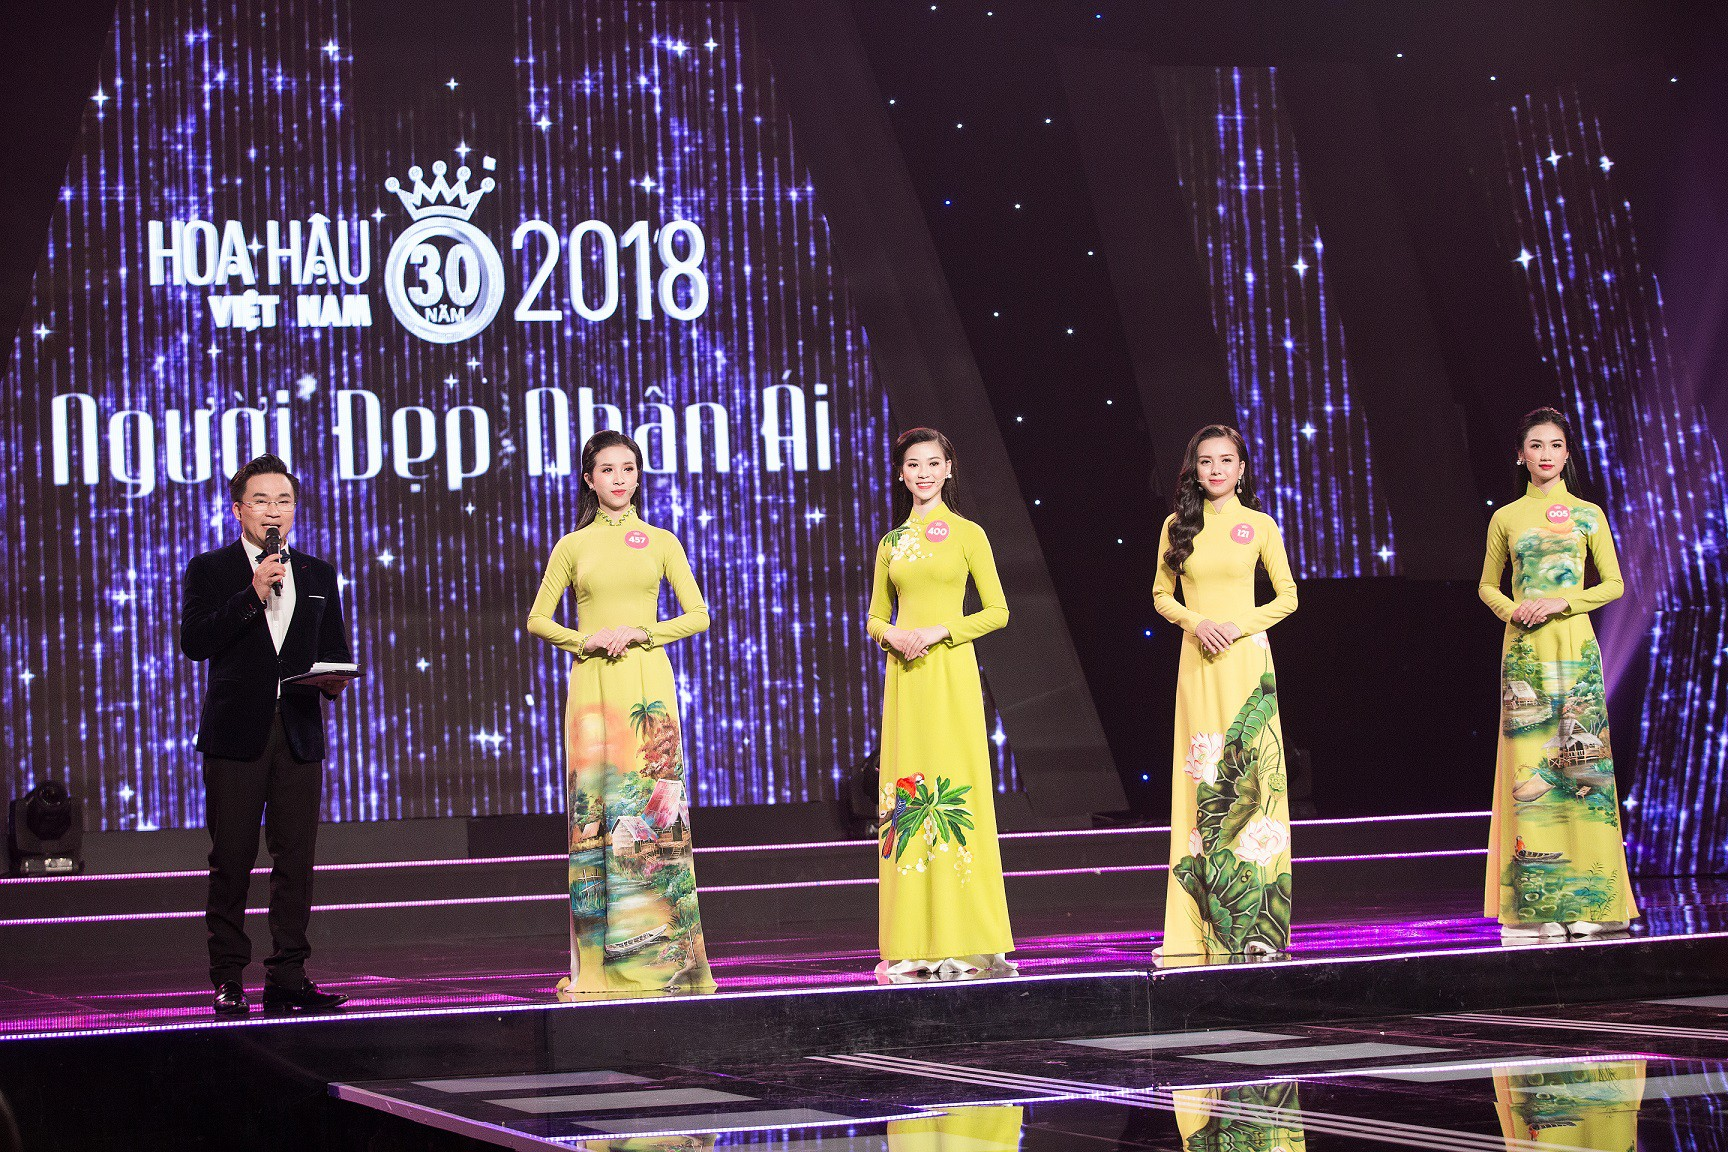 Hoa hậu Việt Nam 2018 - Người đẹp nhân ái không có chỗ để diễn sâu - Ảnh 3.